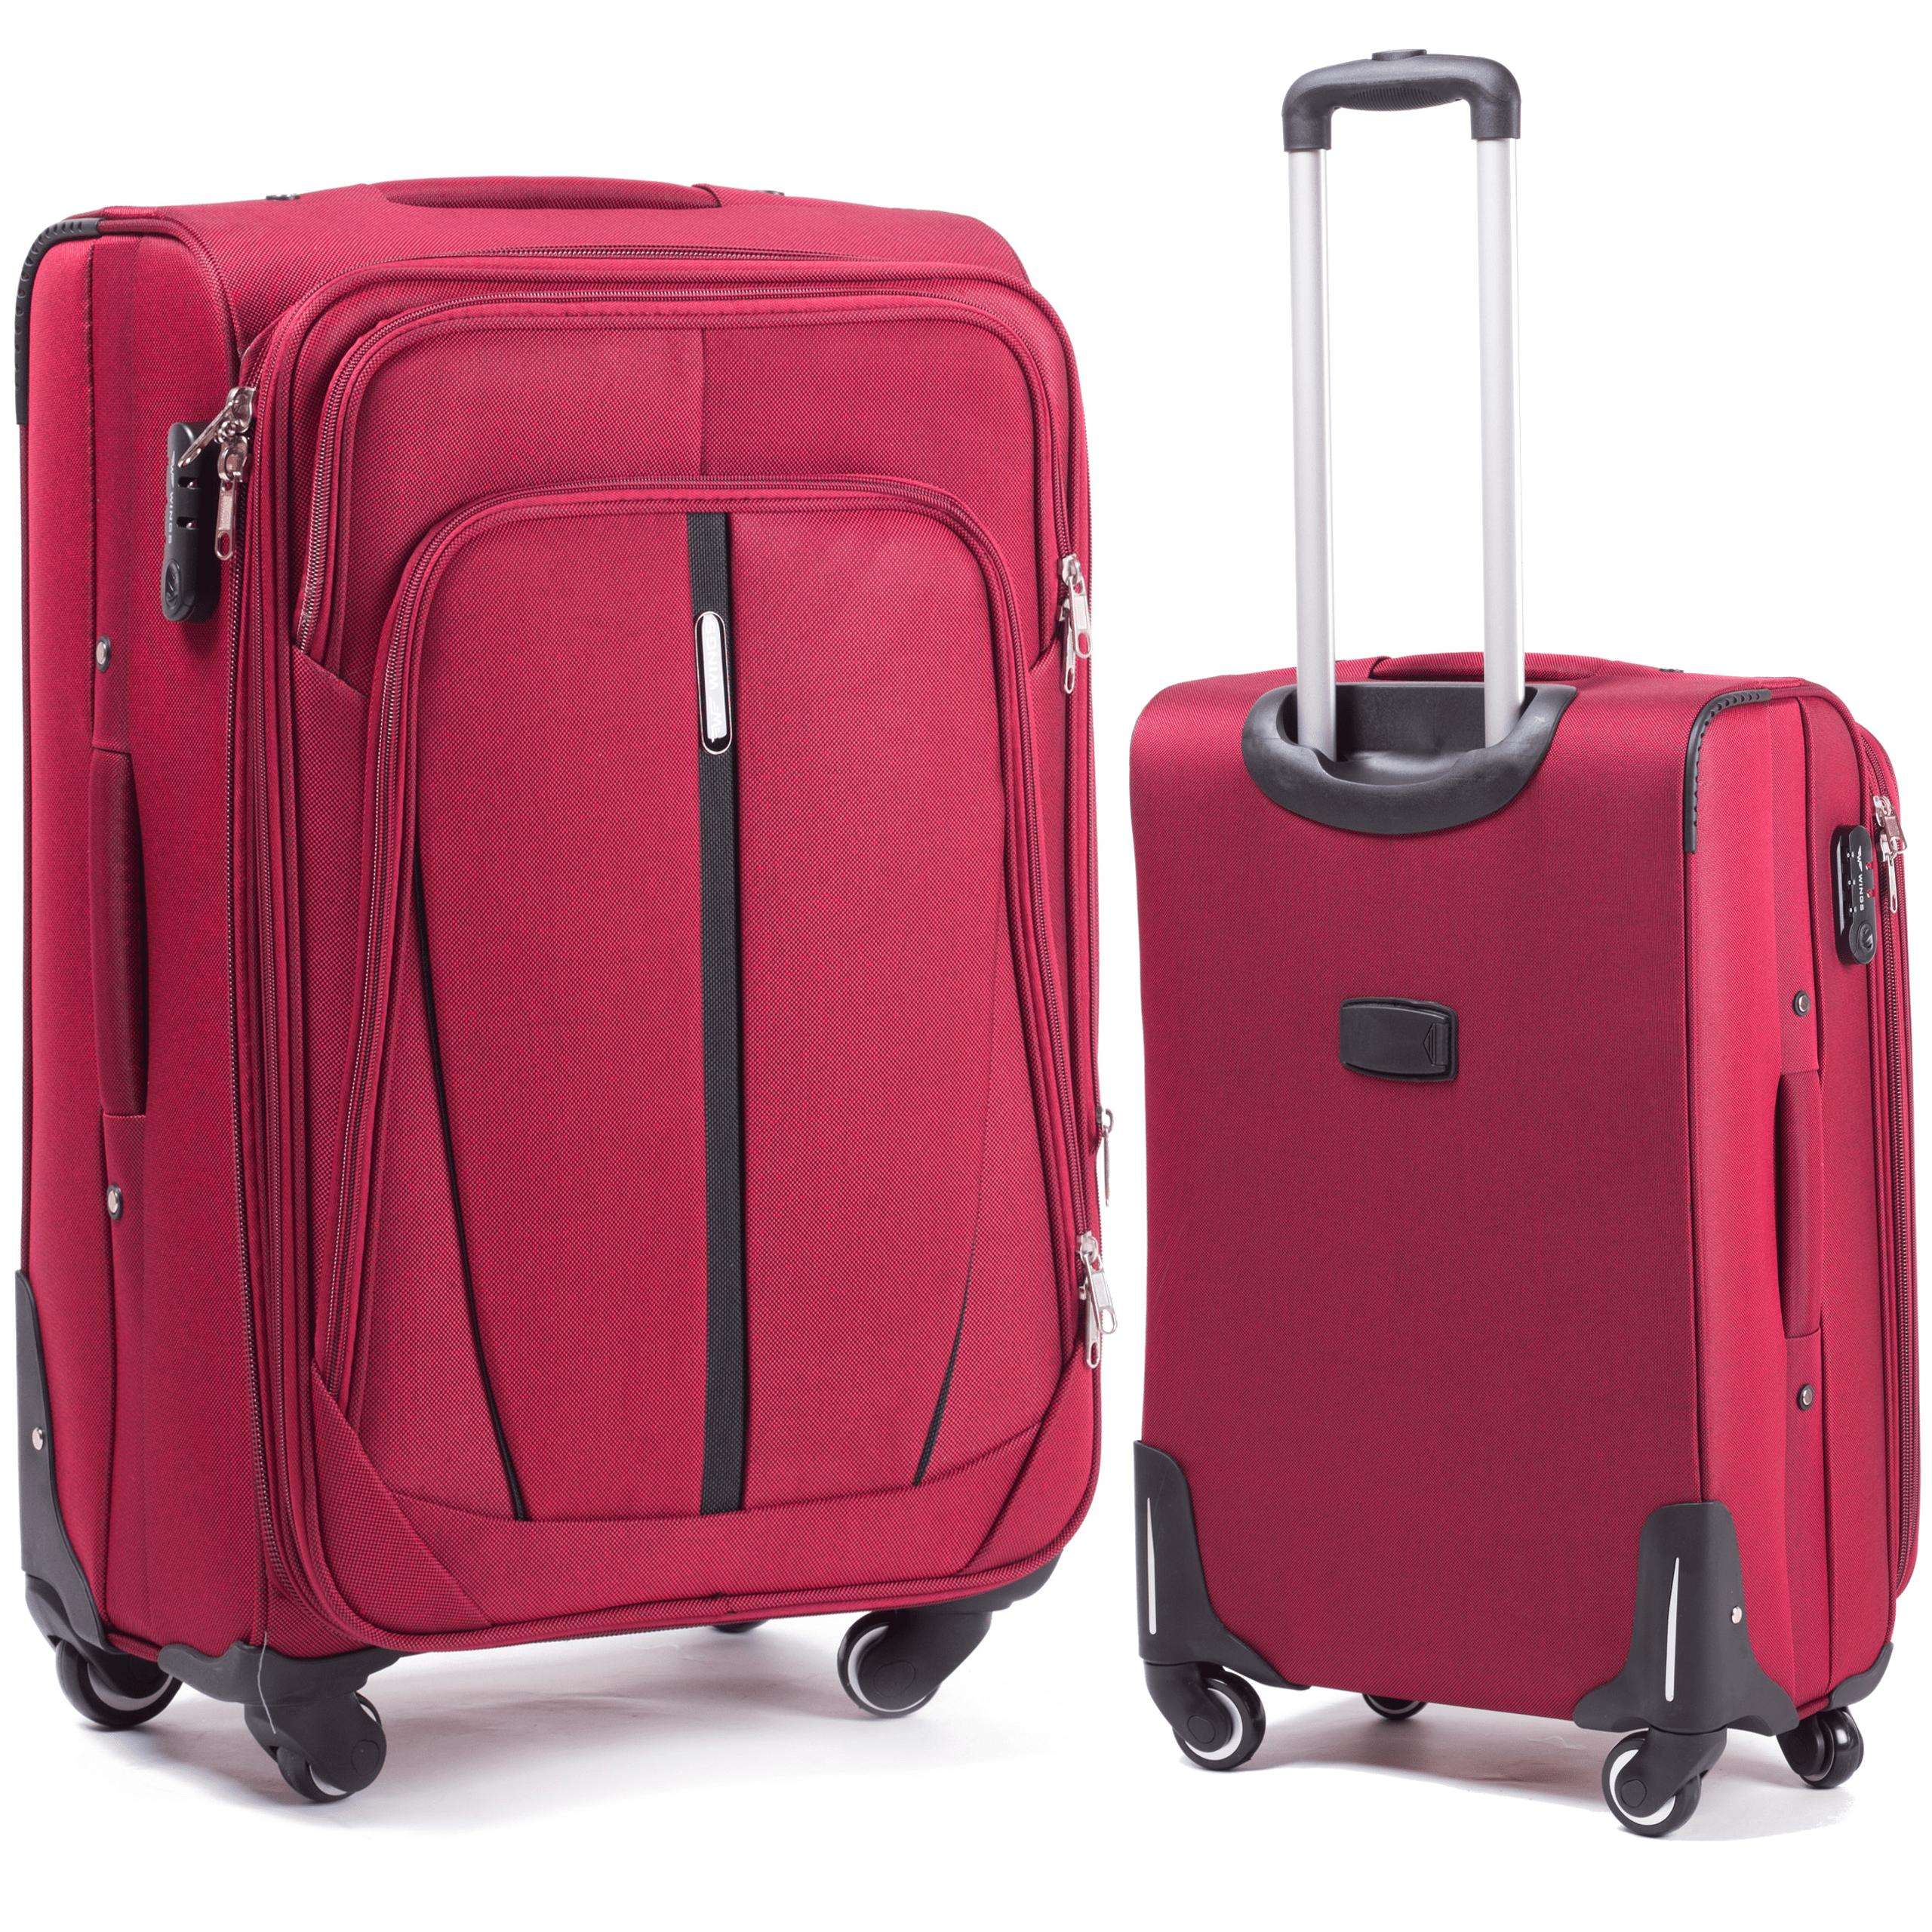 Малый Тканевый Чемодан Wings 1706-4 S Red PREMIUM на 4-х прочных колесах! Для багажа,до 10 кг